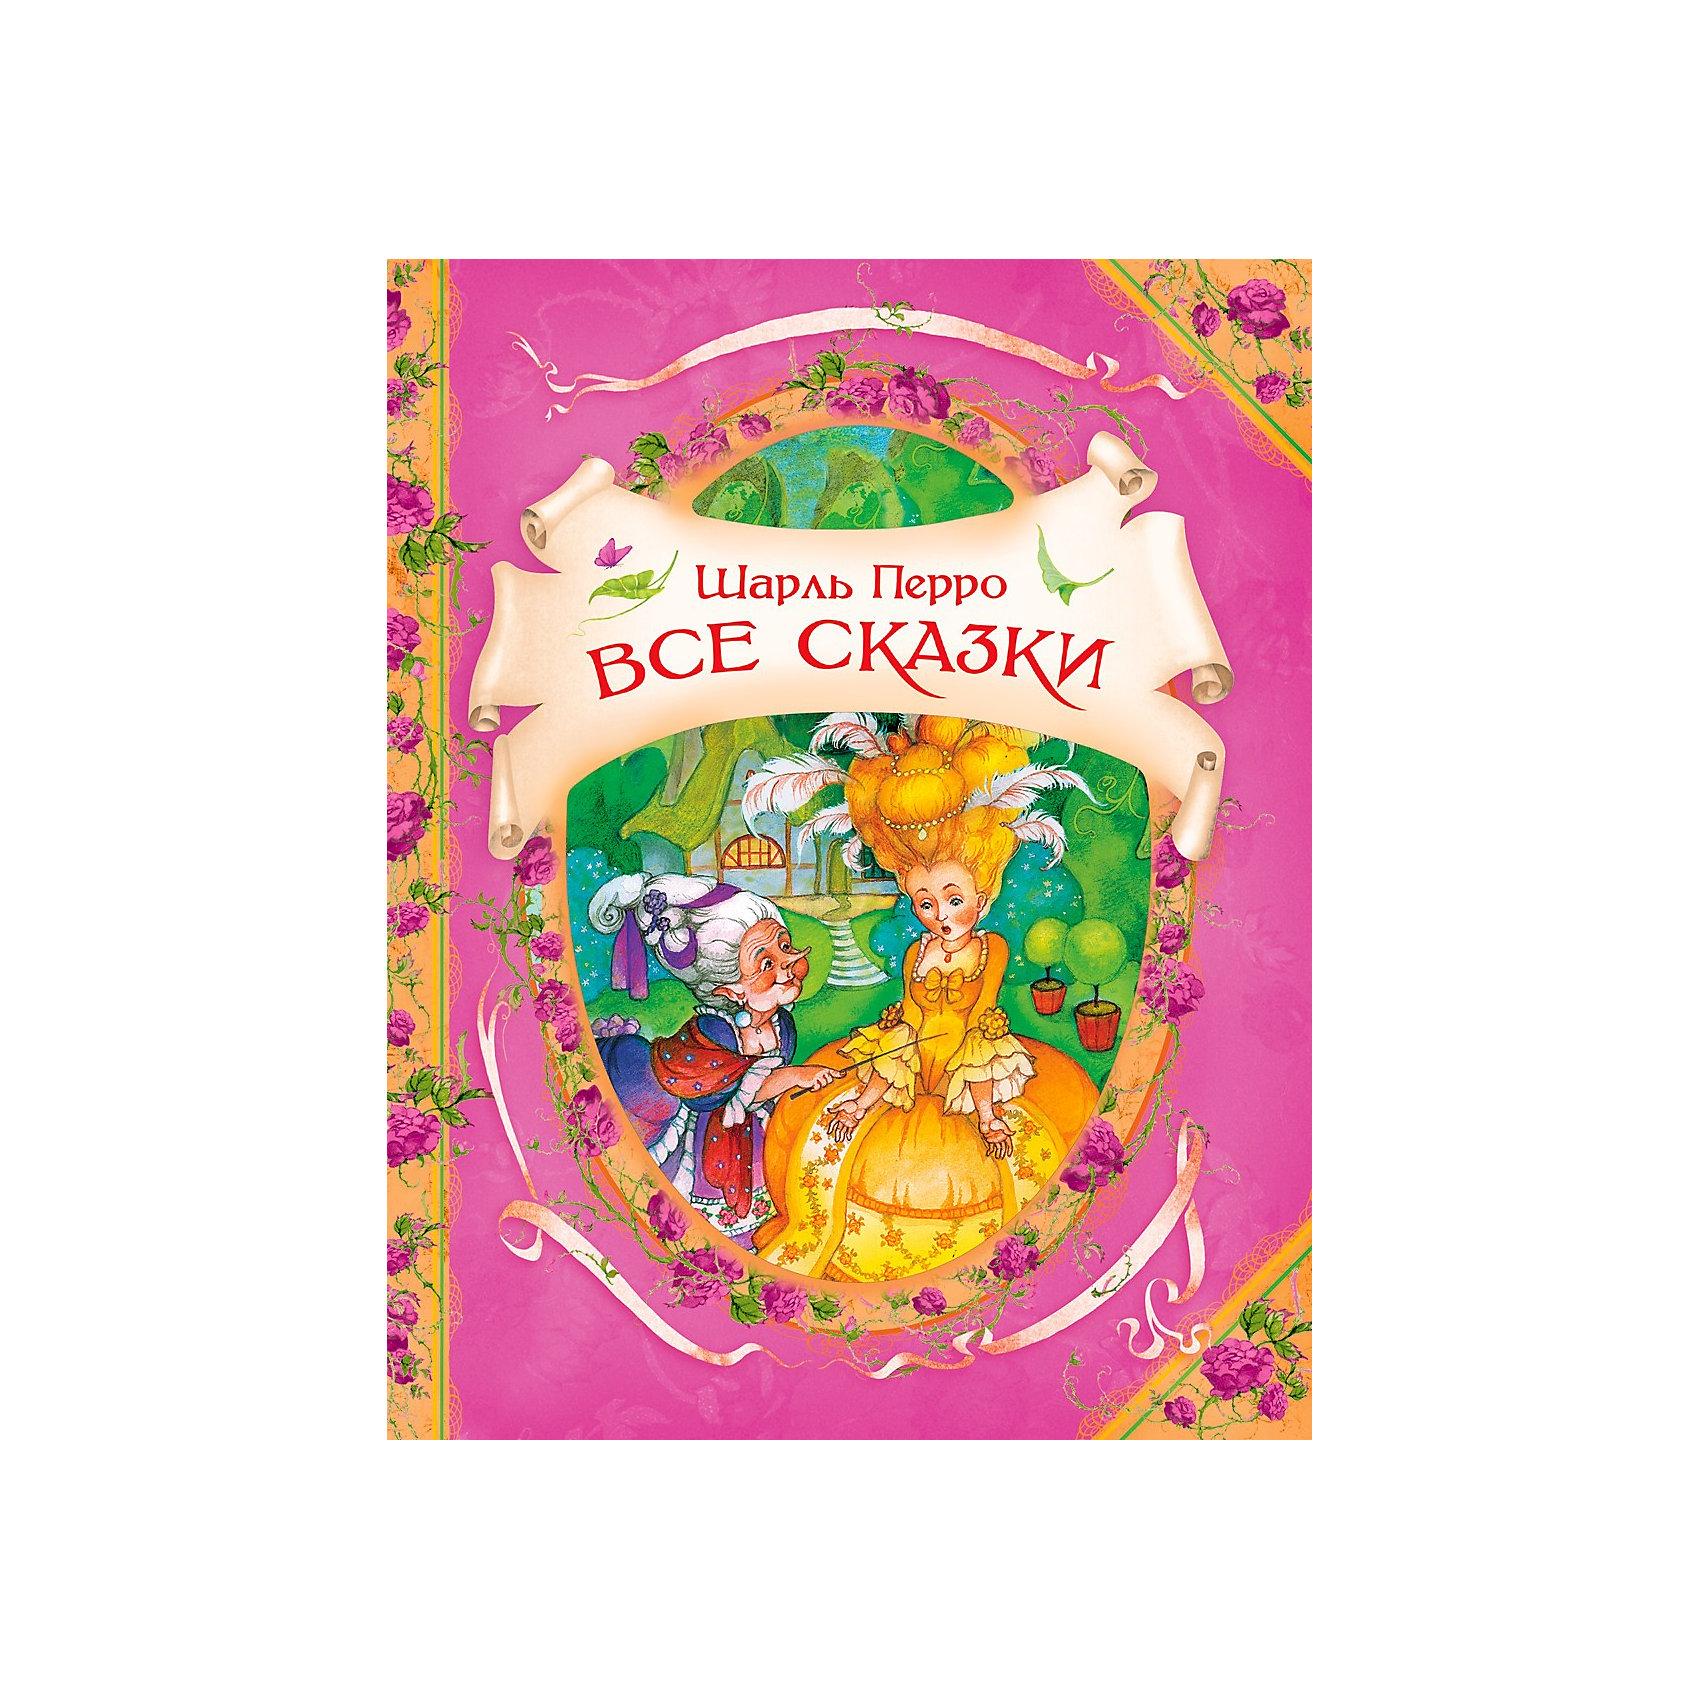 Все сказки, Ш. ПерроКниги для девочек<br>В сборнике Все сказки от Росмэн представлены самые извесные и популярные сказки  великого и любимого детского писателя Шарля Перро, такие как Кот в сапогах, Золушка, или Хрустальная туфелька, Спящая красавица, Красная шапочка, Ослиная Шкура и другие.<br><br>Книга дополнена чудесными иллюстрациями художницы Ольги Ионайтис и имеет особое оформление (фигурная вырубка на обложке, фольга, мелованная бумага), что делает ее замечательным подарком для юных любителей сказок.<br><br>Перевод А. Введенского, А. Федорова, Т. Габбе, М. Булатова. Тексты сказок издаются несокращённые и в оригинале.<br><br>Дополнительная информация:<br><br>Тип переплета (Обложка): твердый<br>Формат (мм): 196х255<br>Количество страниц: 128 стр.<br>ISBN: 978-5-353-05693-5<br>Наличие иллюстраций: цветные<br><br>Ширина мм: 180<br>Глубина мм: 140<br>Высота мм: 20<br>Вес г: 100<br>Возраст от месяцев: 60<br>Возраст до месяцев: 84<br>Пол: Унисекс<br>Возраст: Детский<br>SKU: 3177452